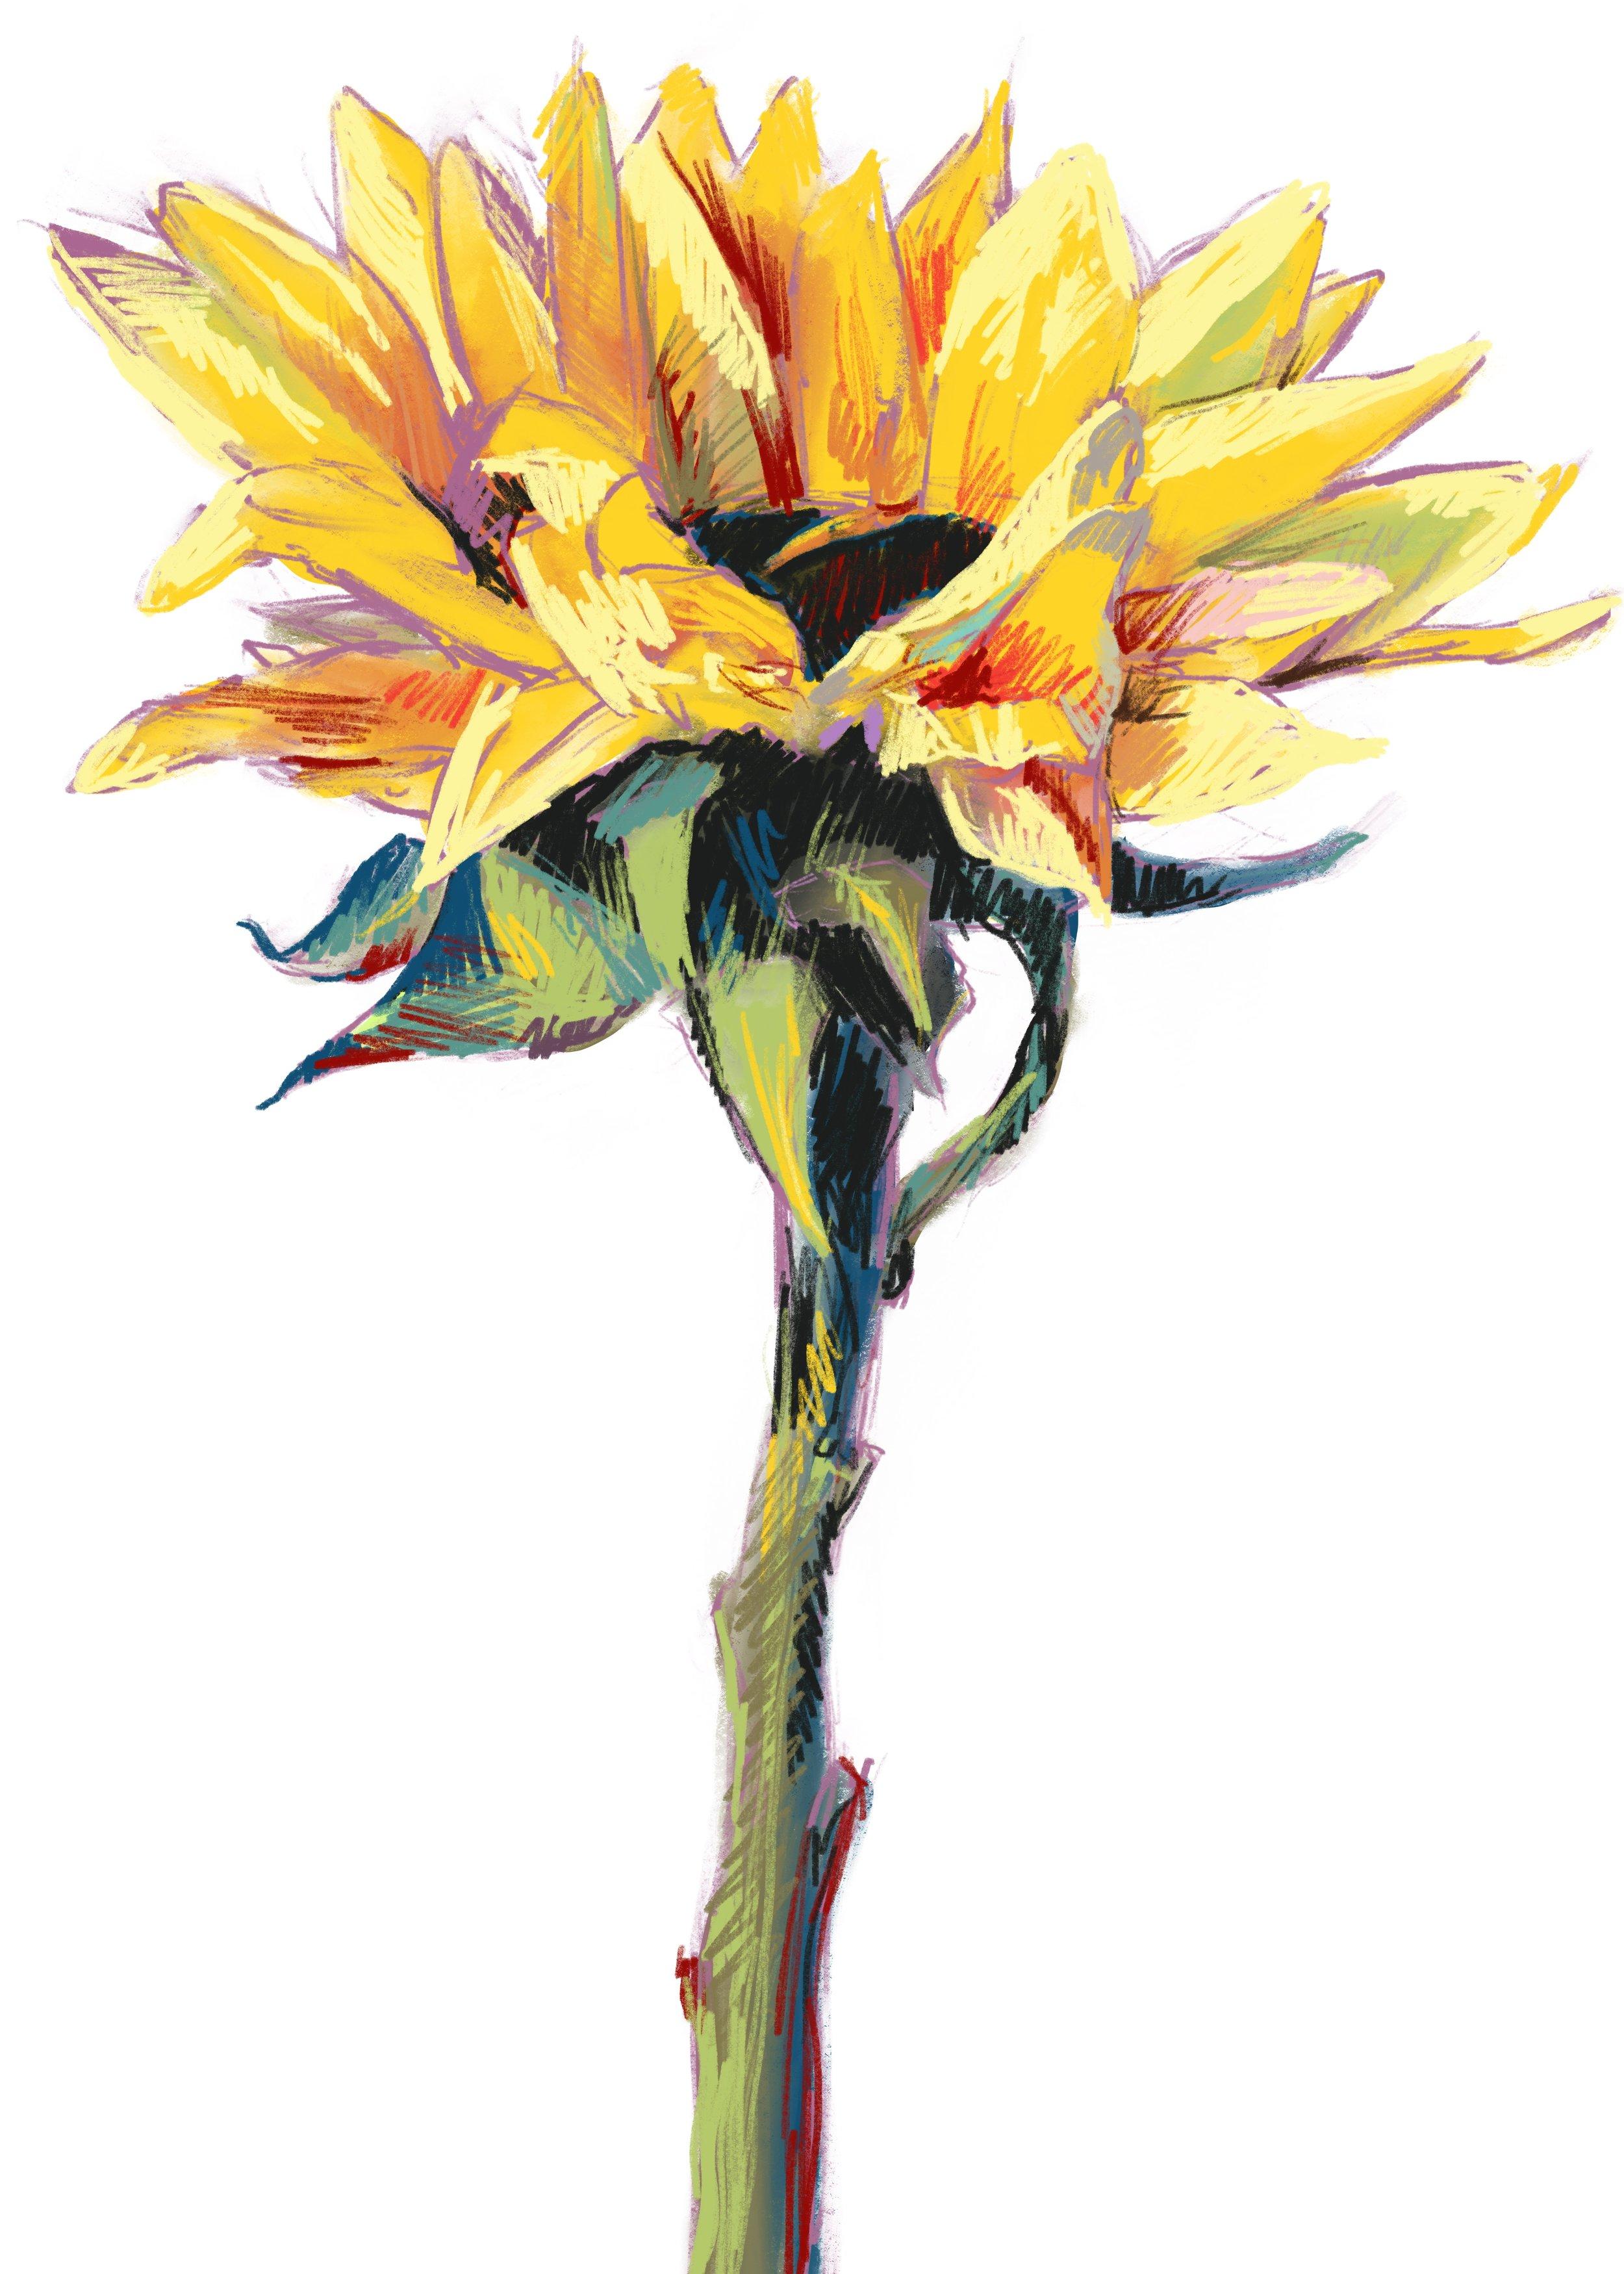 faith sunflower drawing.jpg